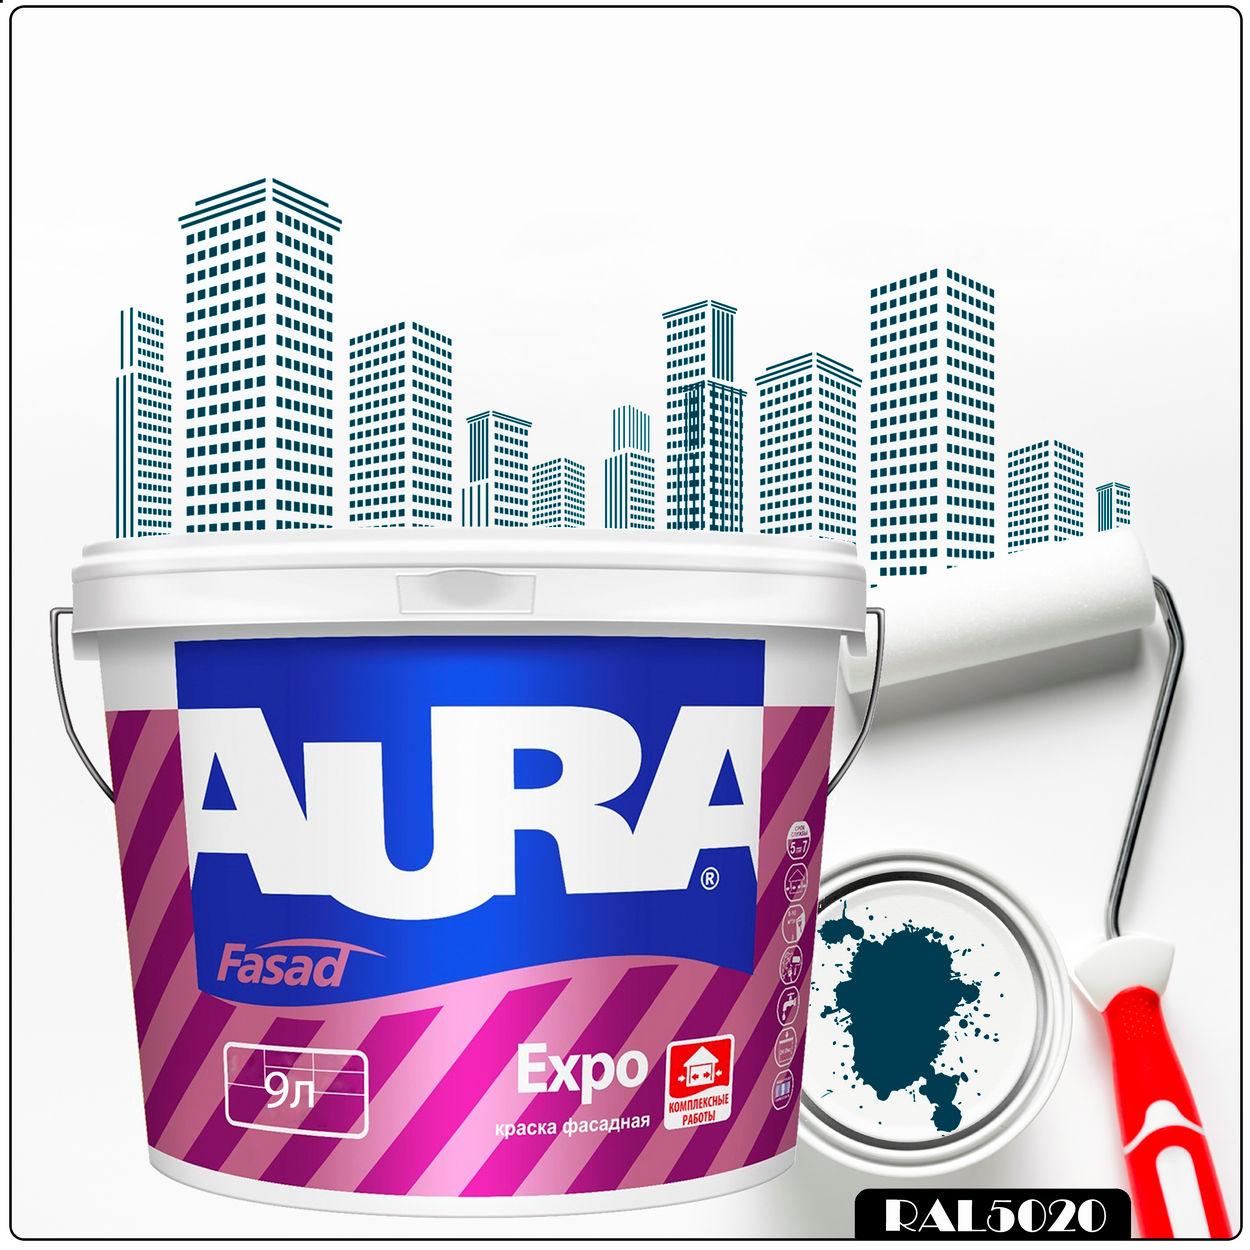 Фото 1 - Краска Aura Fasad Expo, RAL 5020 Океанская-синь, матовая, для фасадов и помещений с повышенной влажностью, 9л.